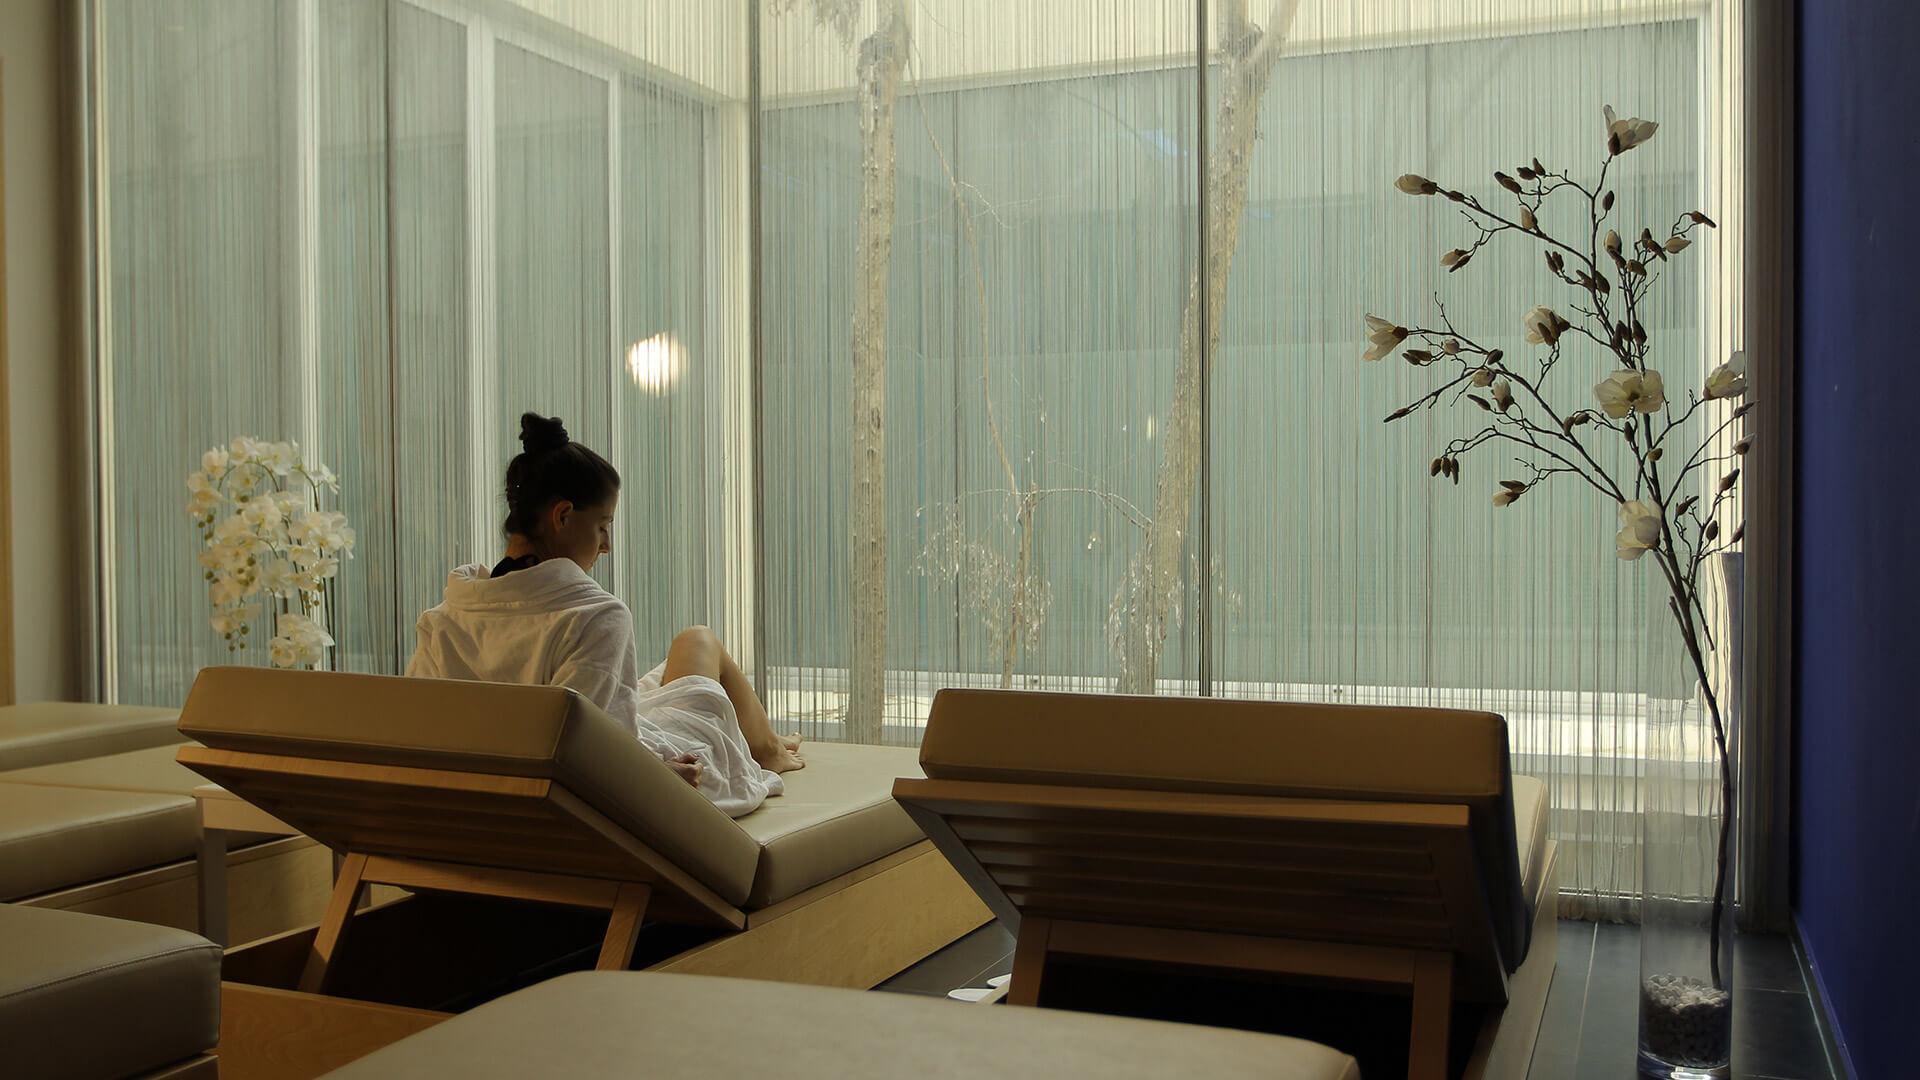 blu-moret-wellness-spa-centro-benessere-udine-slide3